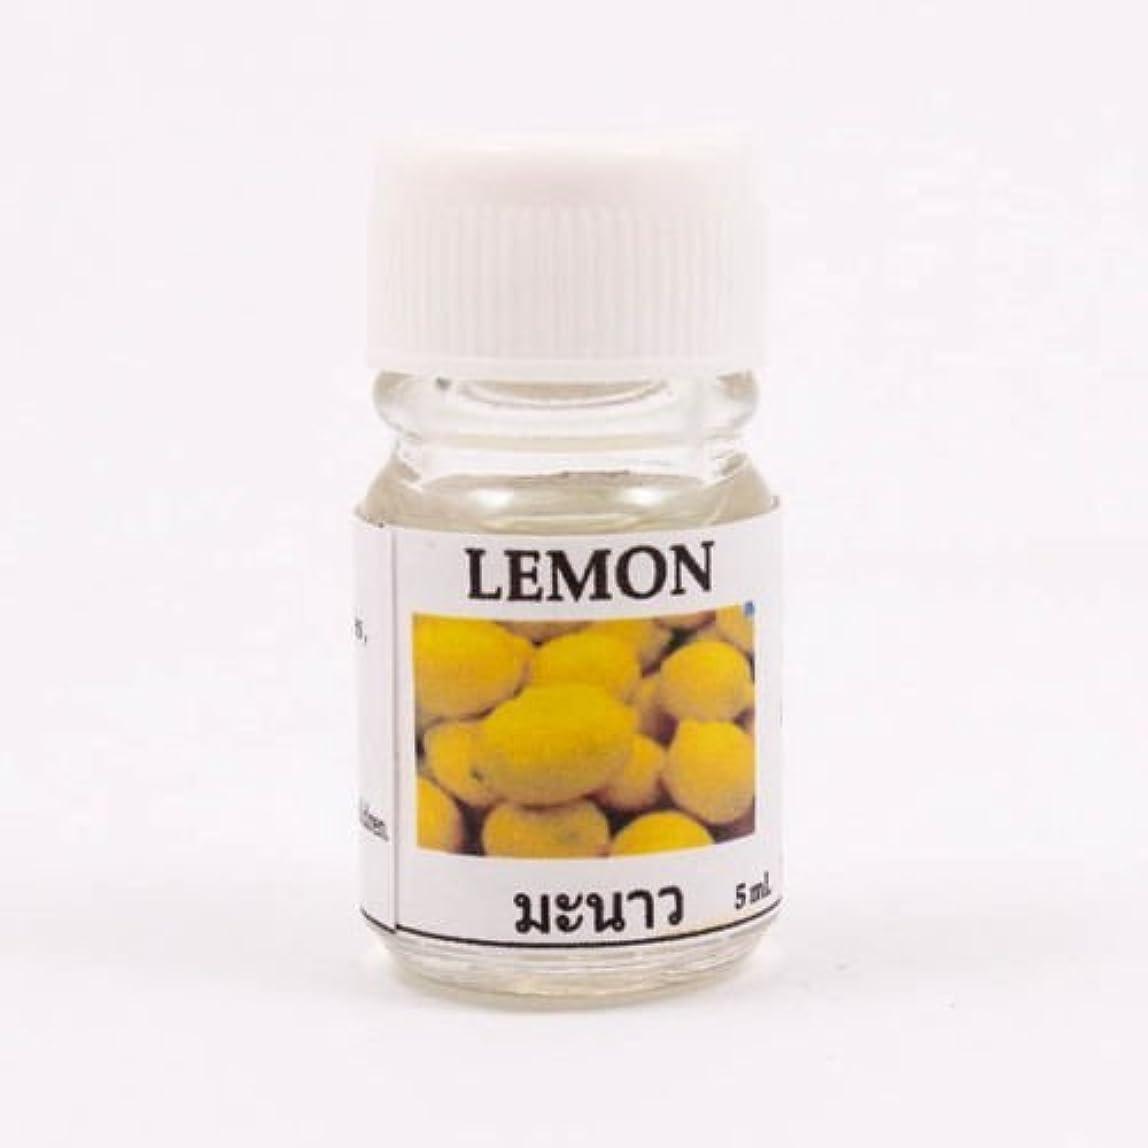 デクリメント一般化するパースブラックボロウ6X Lemon Aroma Fragrance Essential Oil 5ML. (cc) Diffuser Burner Therapy